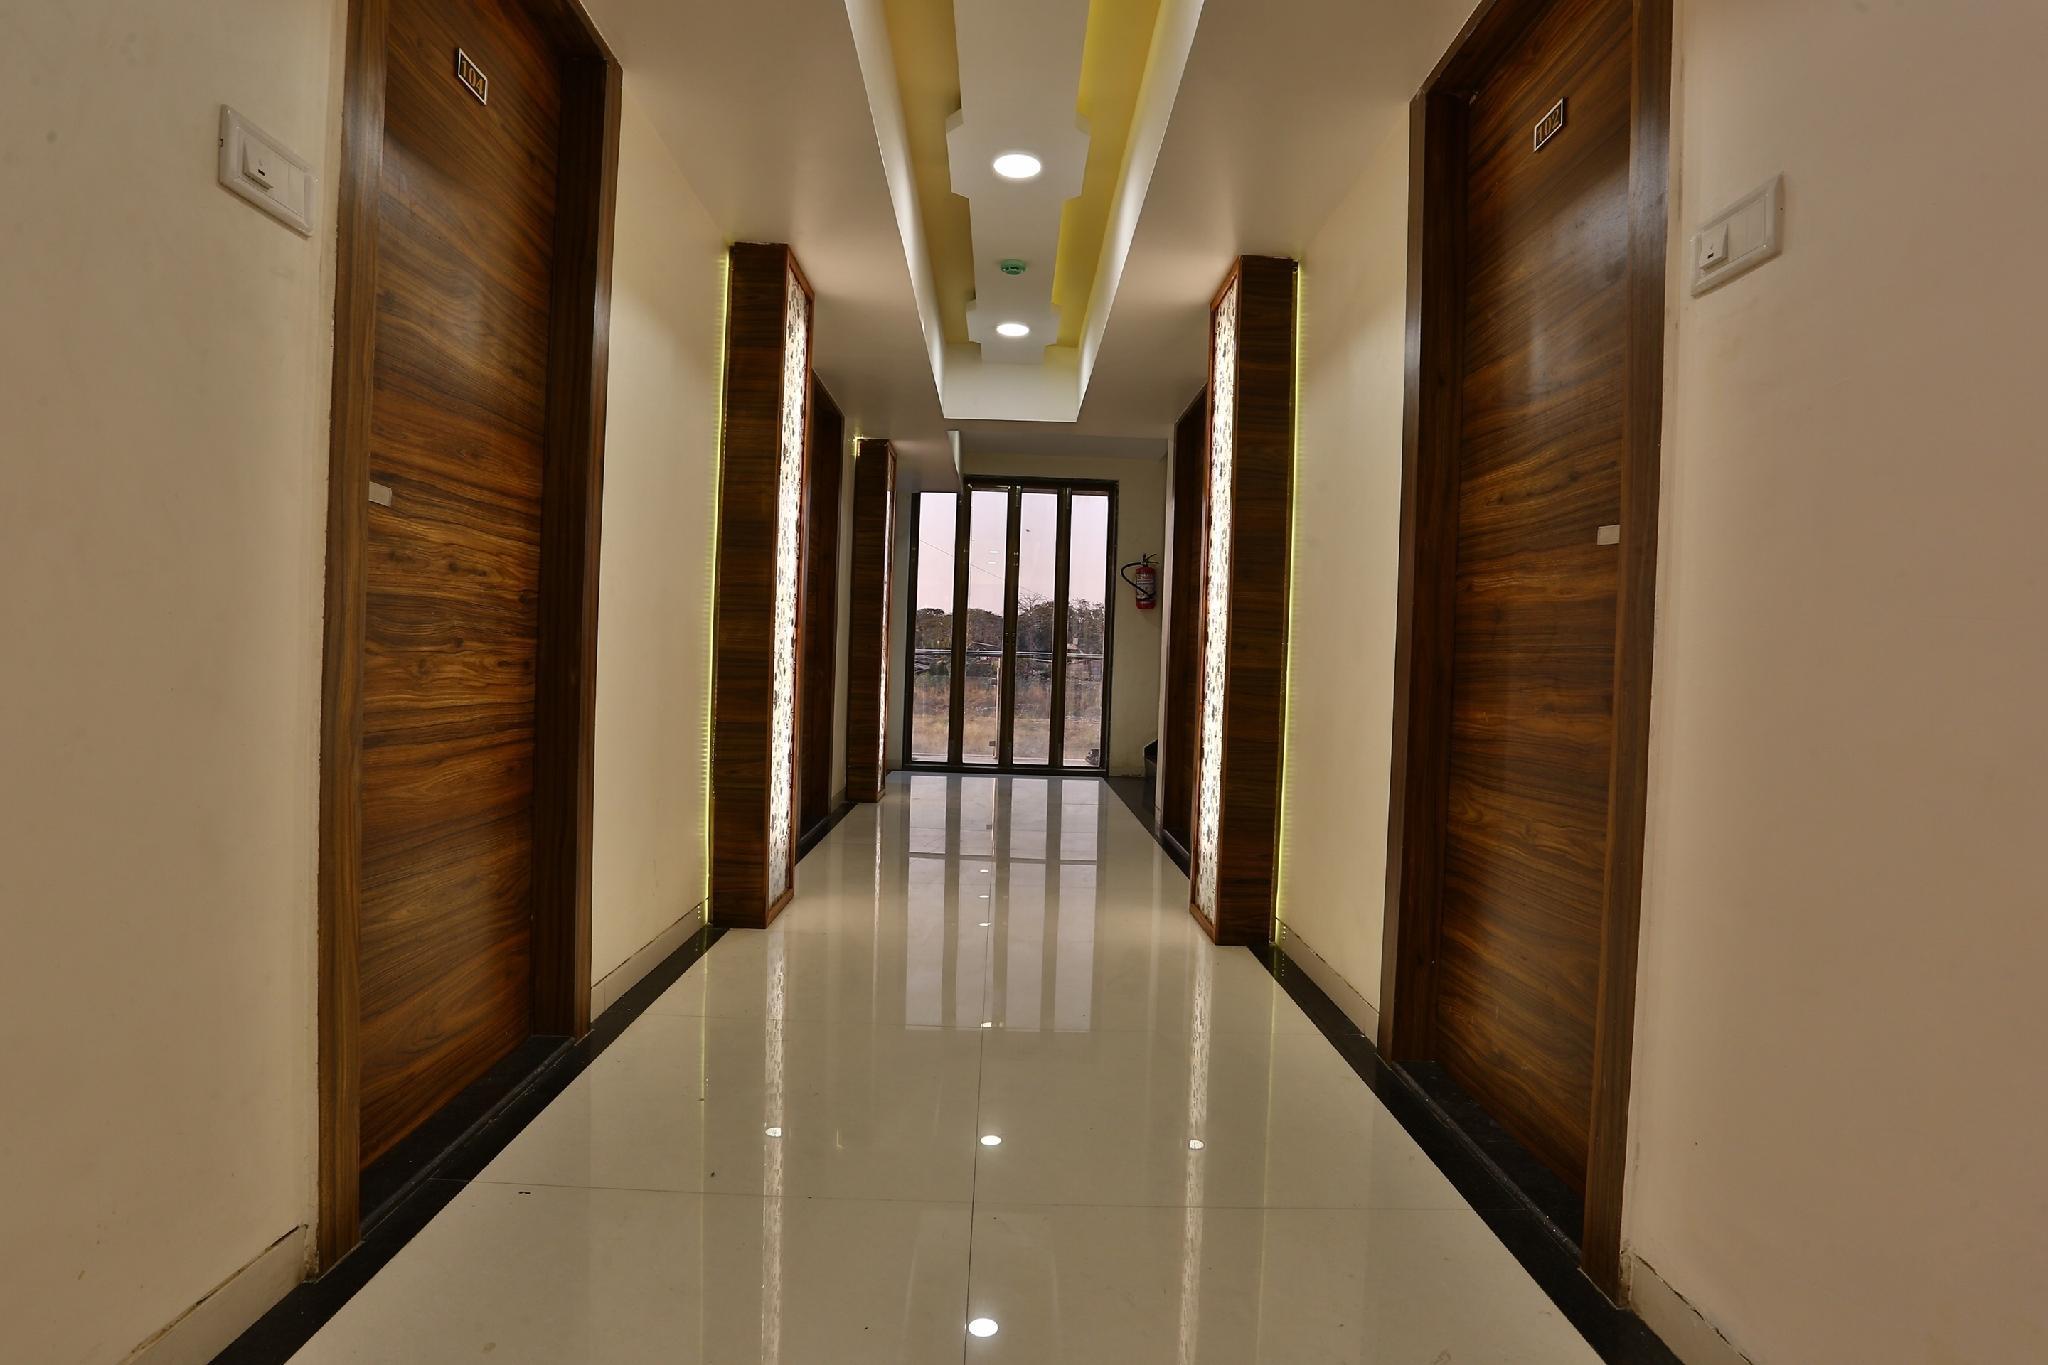 OYO 28293 Hotel Blh, Palghar